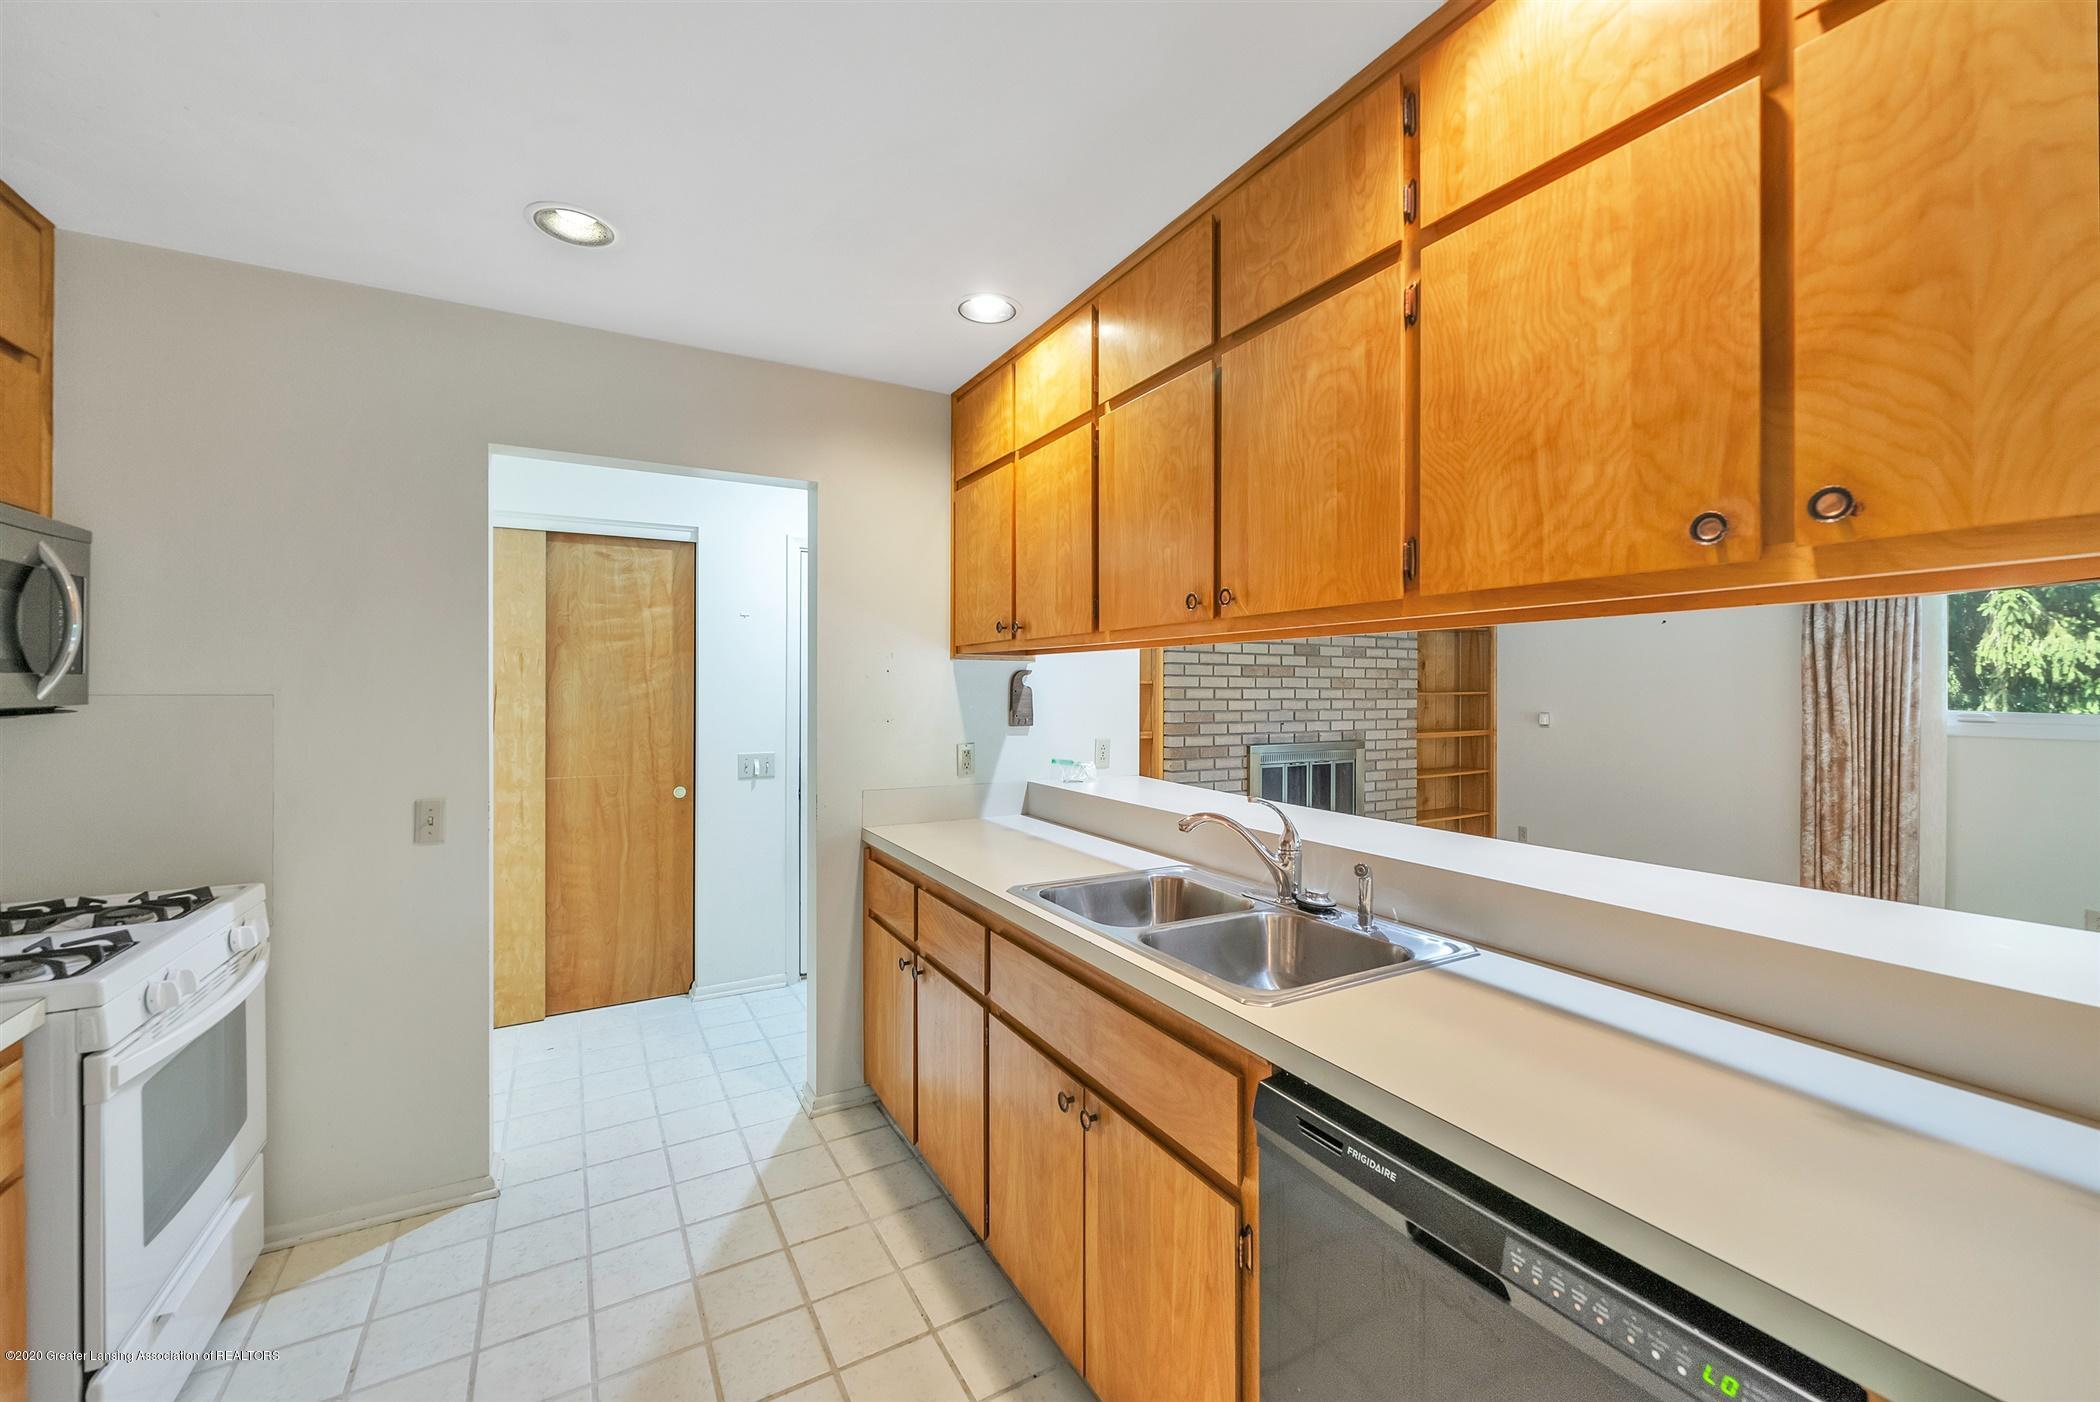 2150 Arundel Pl - (13) MAIN FLOOR Kitchen - 14